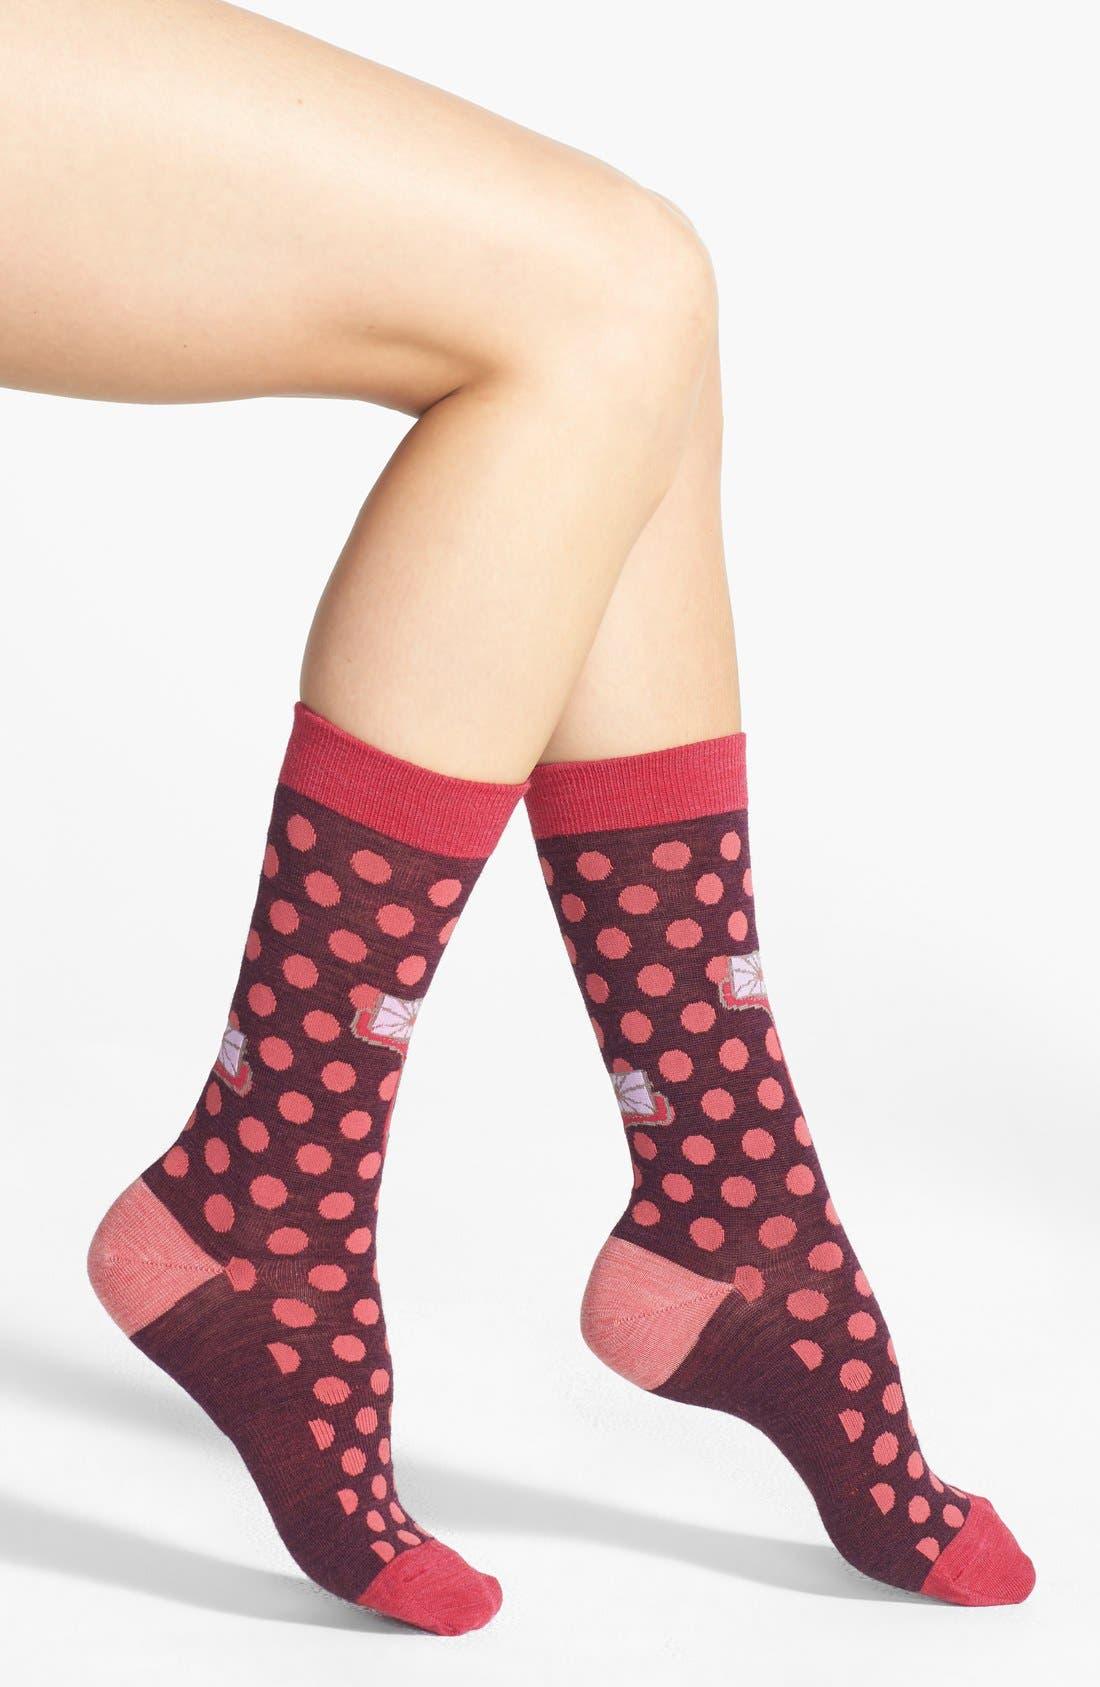 Main Image - Smartwool 'Dancing Dots' Merino Wool Blend Crew Socks